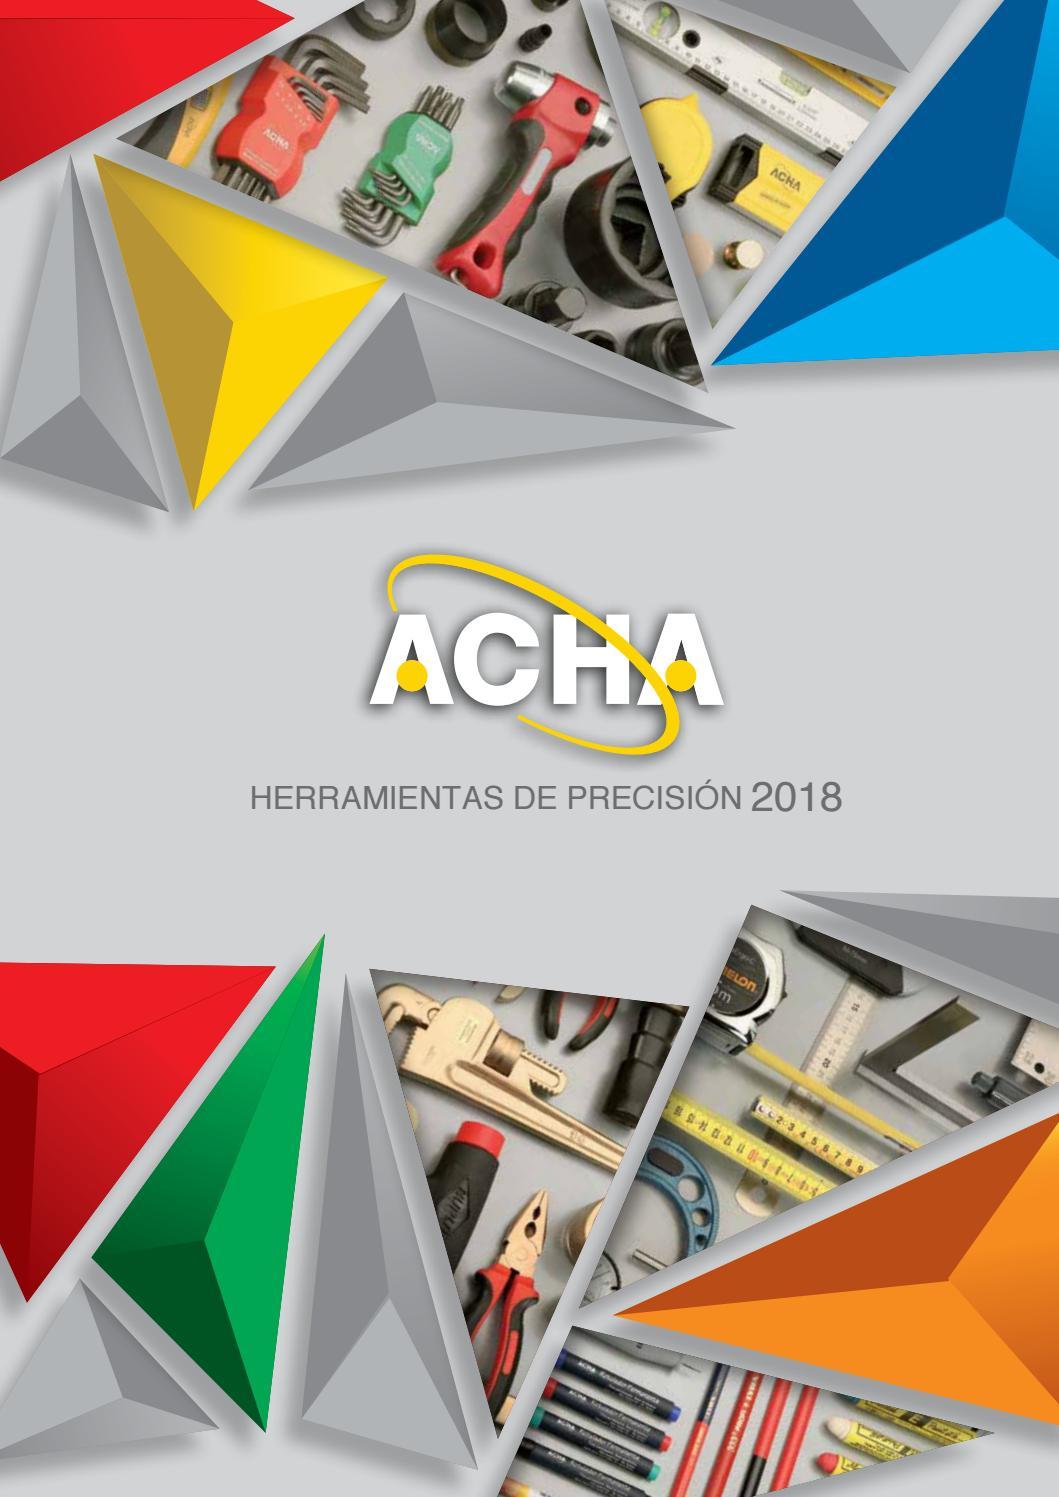 Acha catalogo 2018 by ACHA Herramientas - issuu